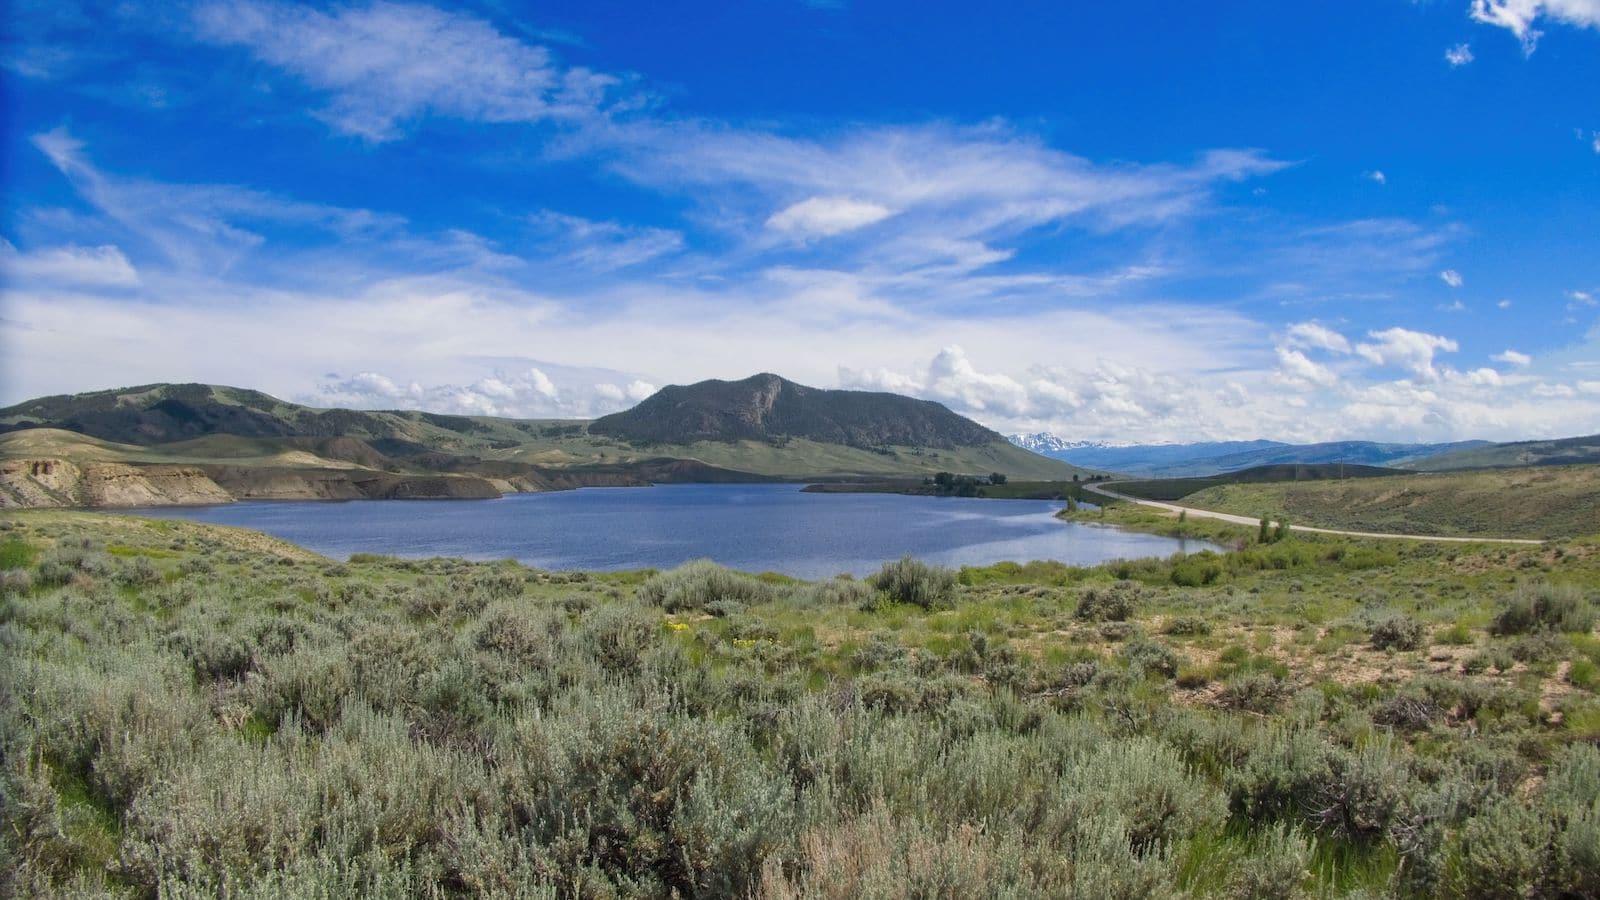 Waduk Gunung Wolford - Kremmling, CO